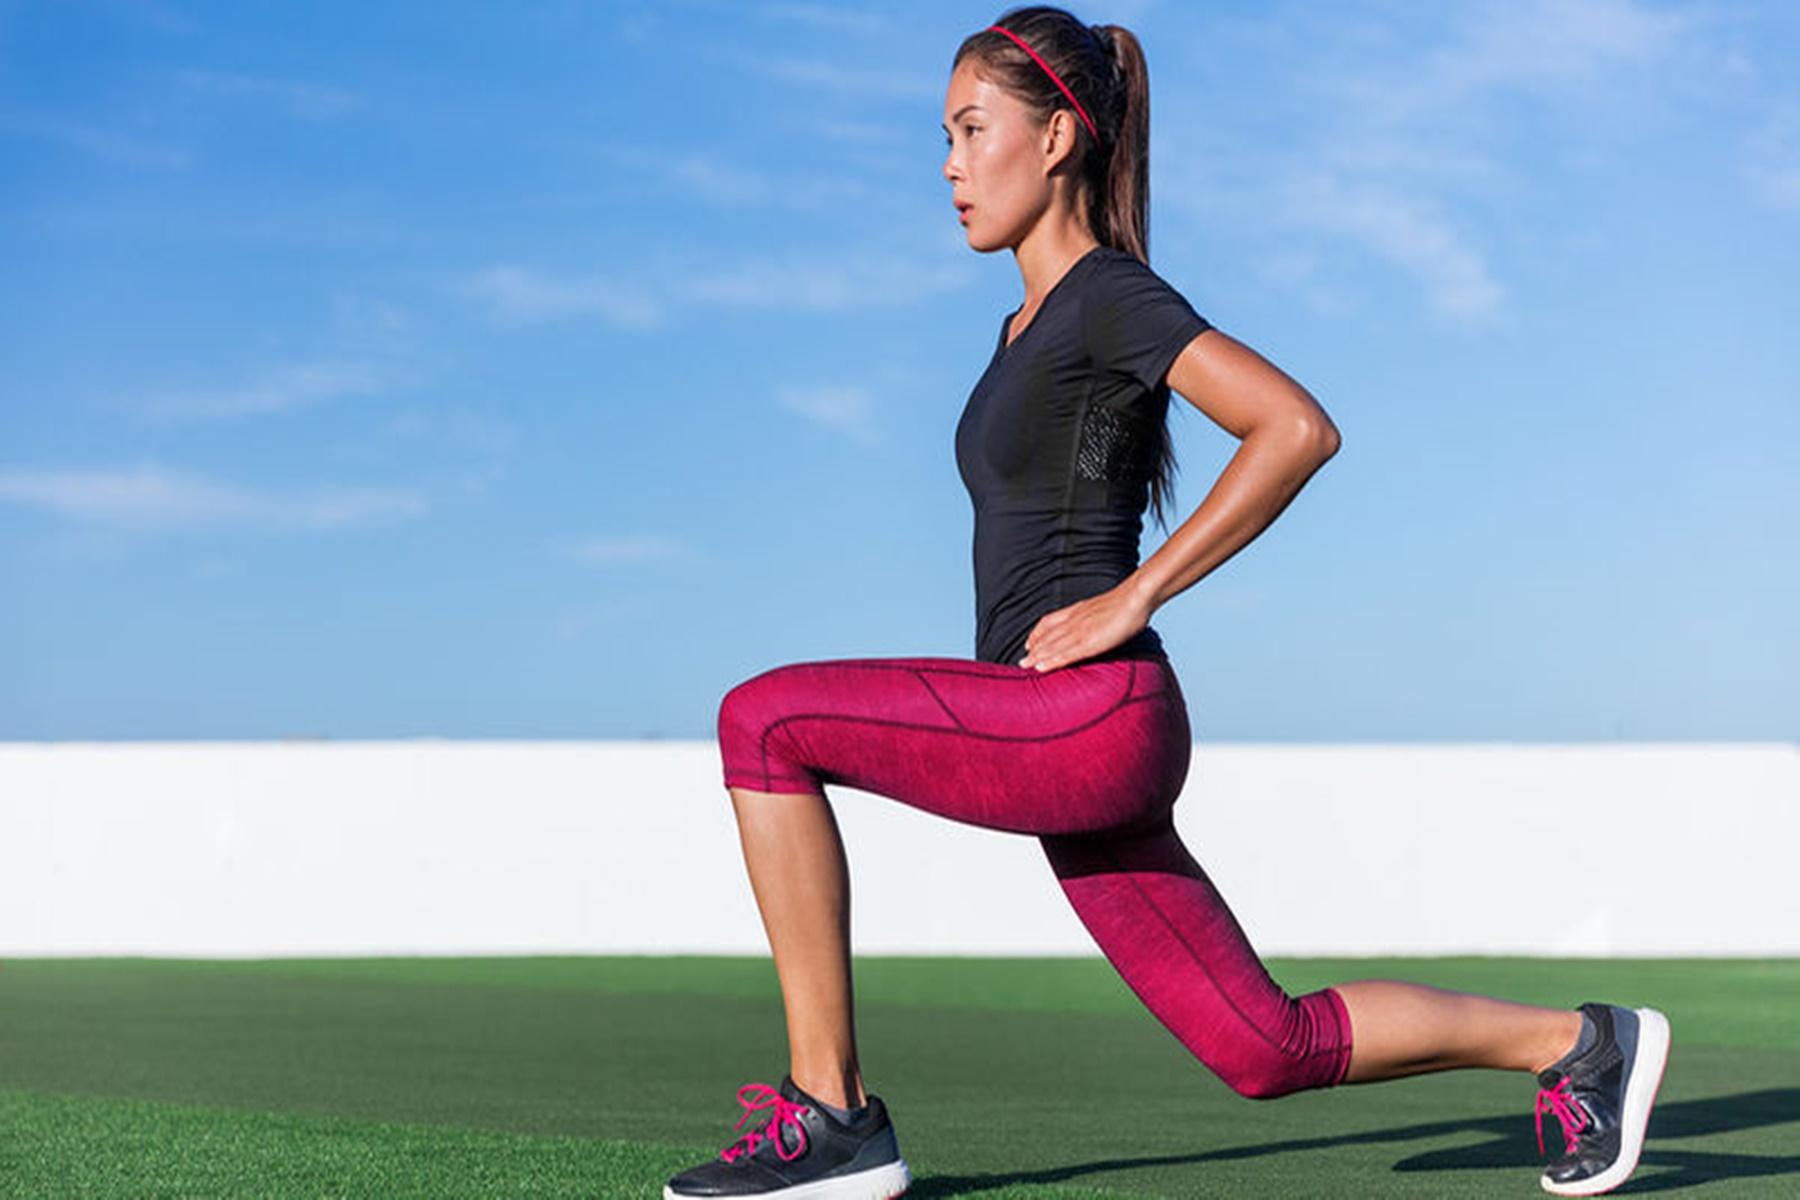 Υγεία γυμναστική : Δημιουργήστε σωστά τις προπονήσεις